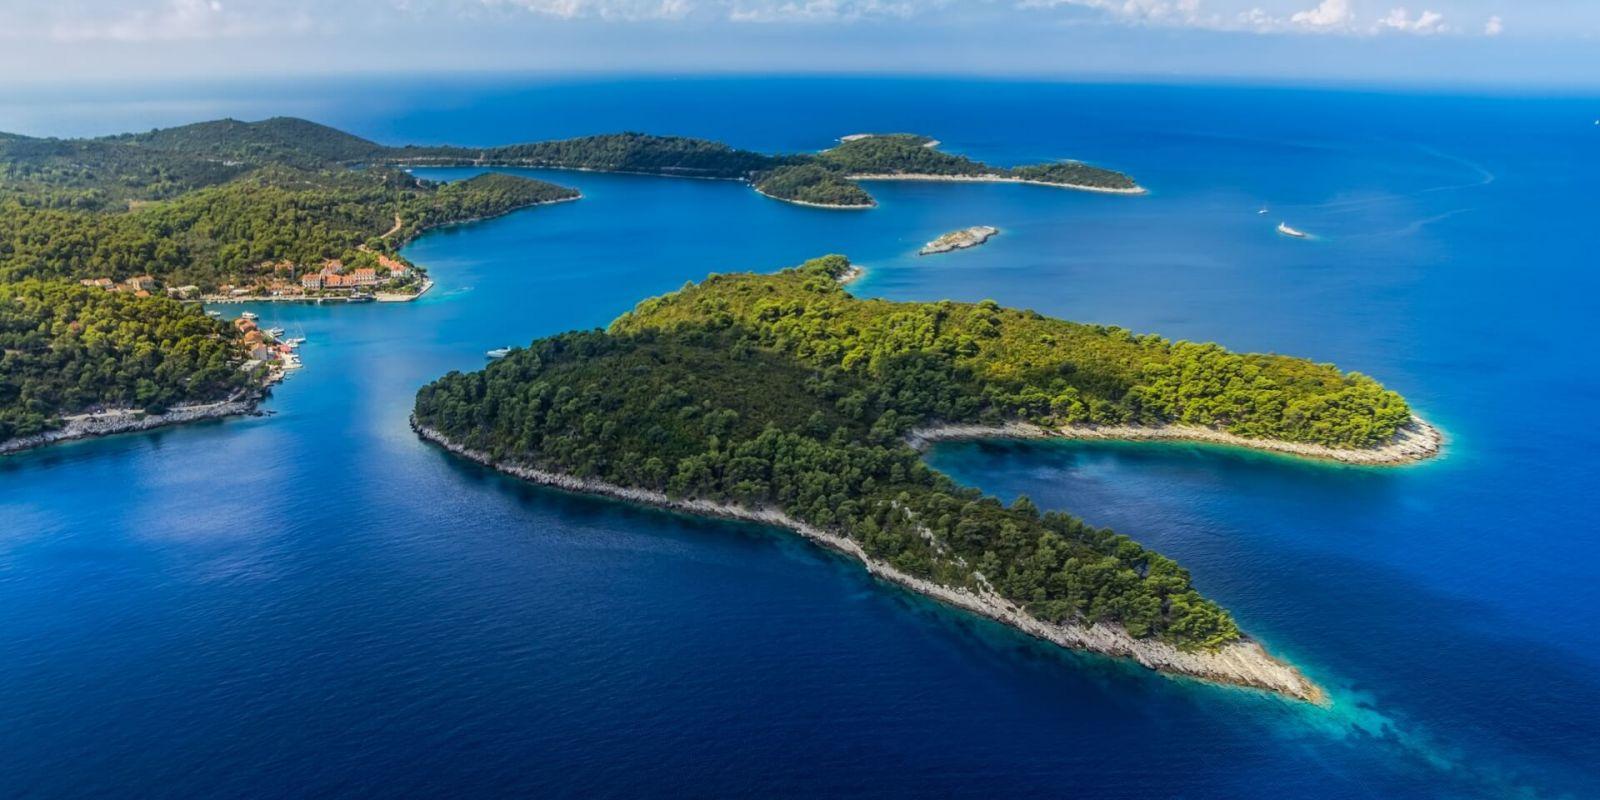 https://www.talamare.fr/medias/Vue du parc national de Mljet près de Dubrovnik lors d'une location de yacht en Croatie